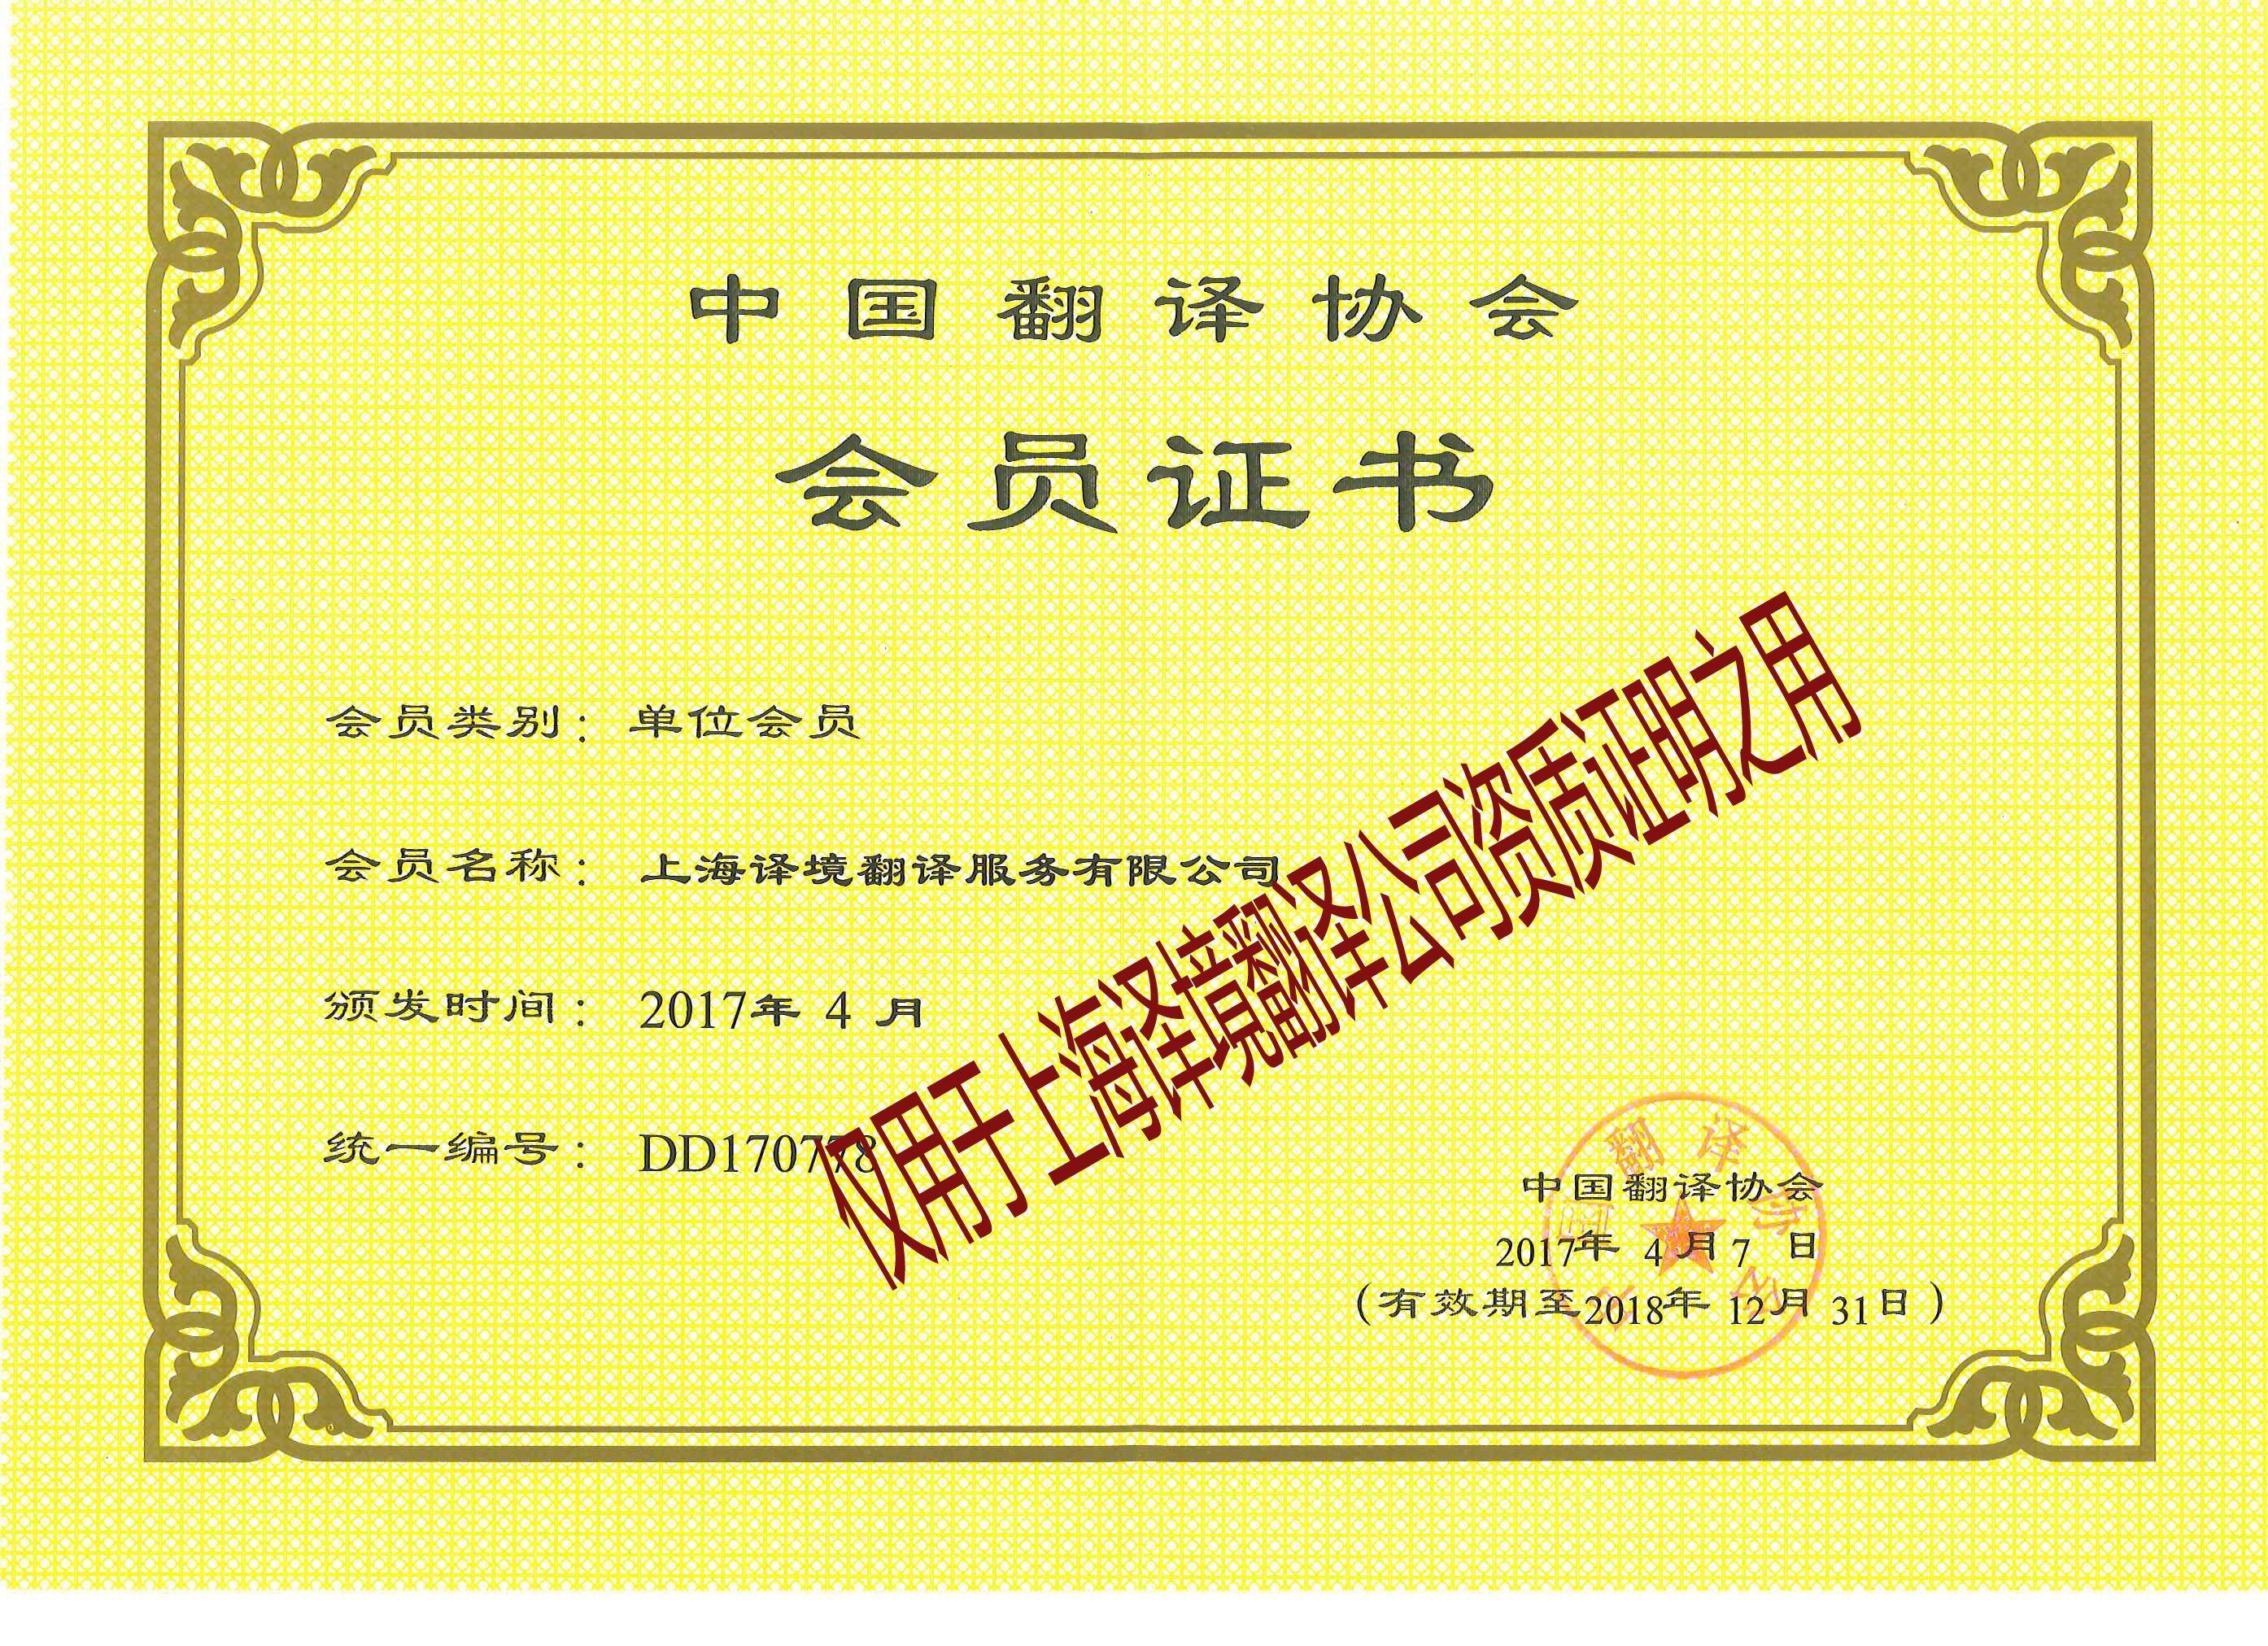 中国翻译协会资质